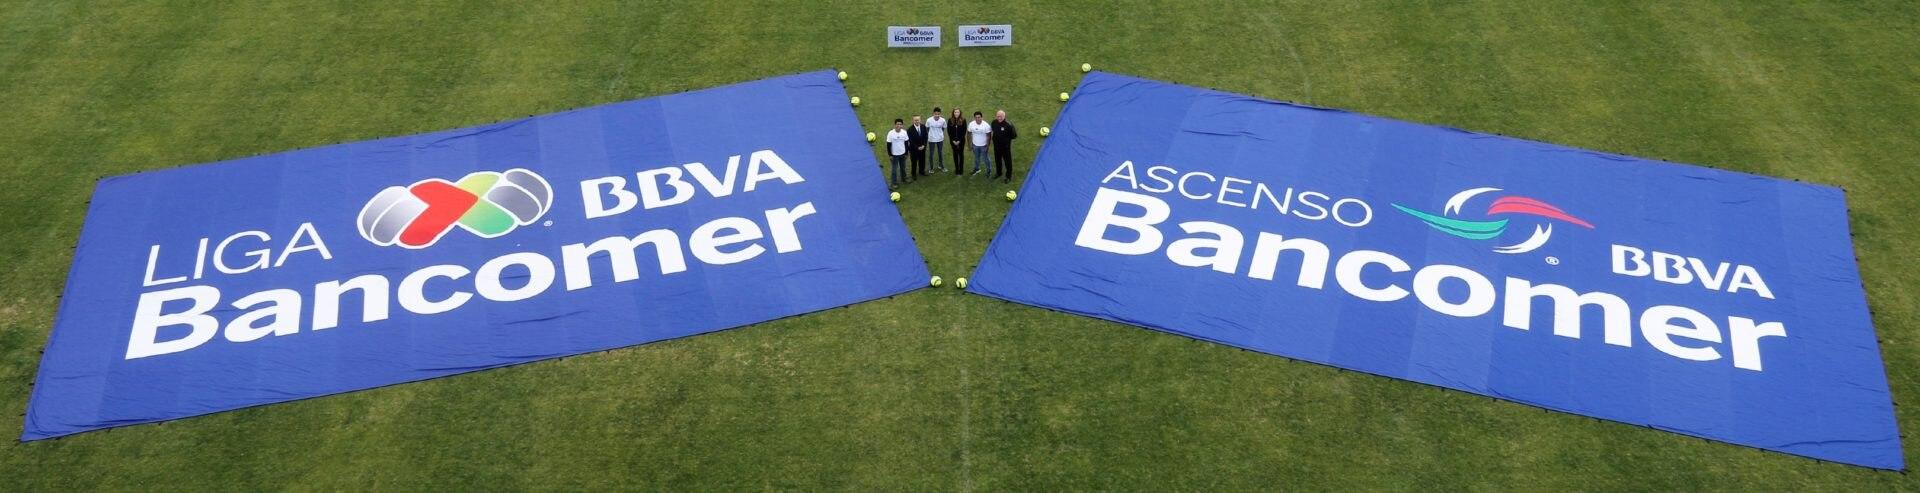 Balón de la Educación Clausura 2018 Liga Bancomer